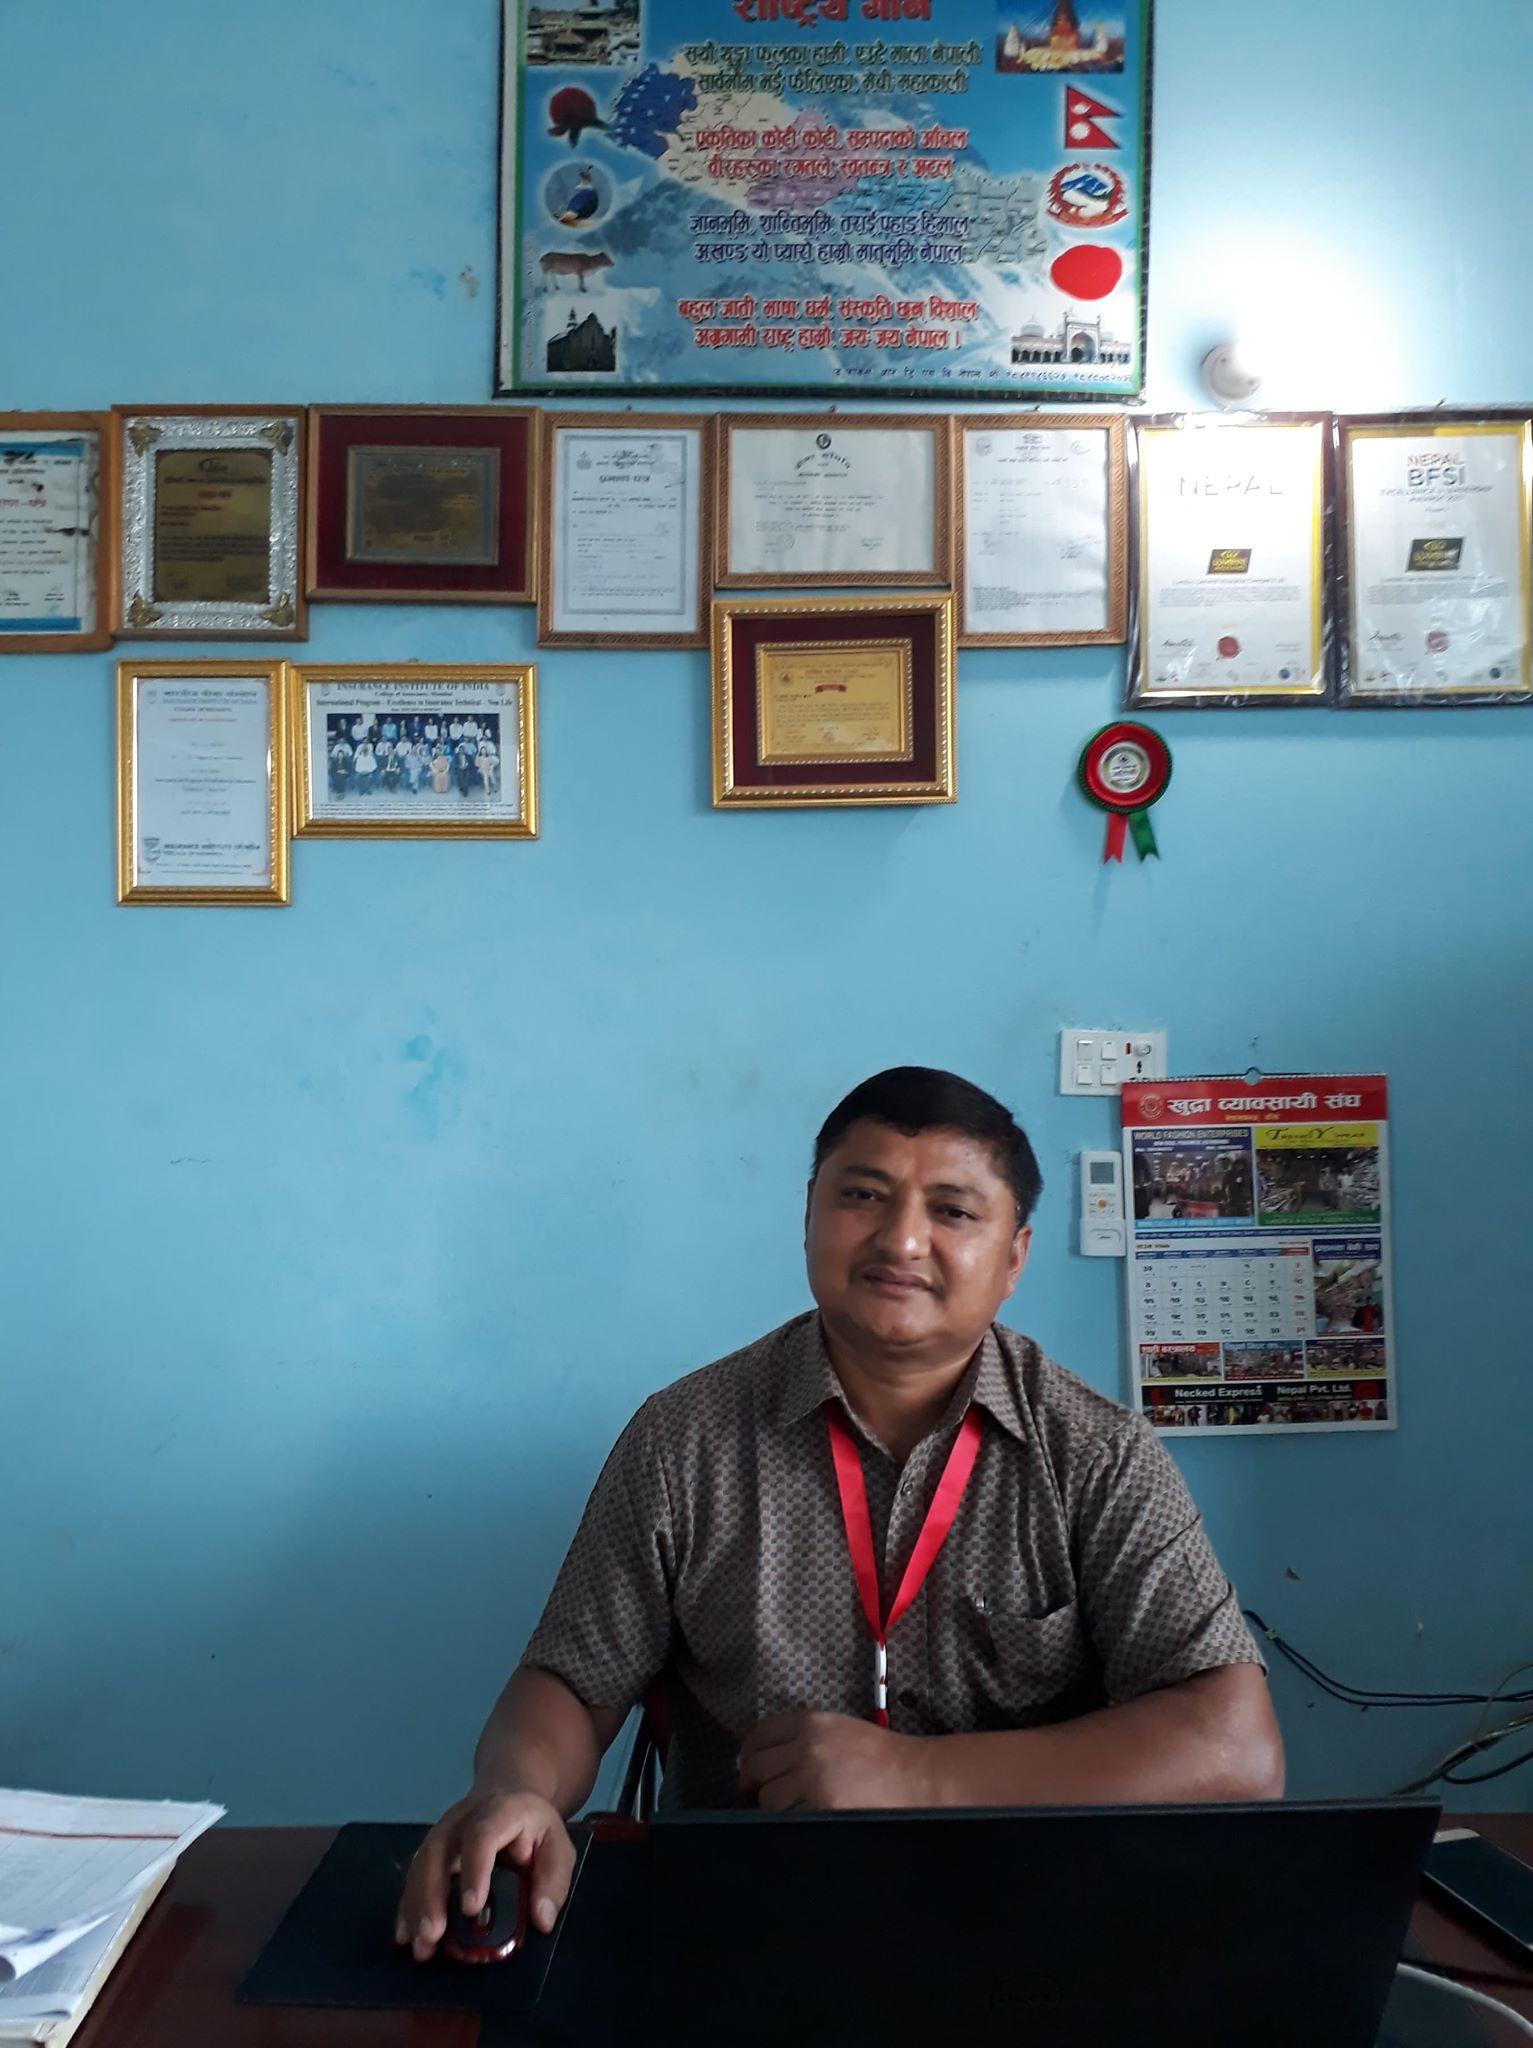 लुम्बिनी जनरल इन्स्योरेन्स कम्पनी बाँके शाखाको लकडाउनका बाबजुद ३ करोड ५५ लाख बराबरको कारोबार :प्रमुख  सापकोटा